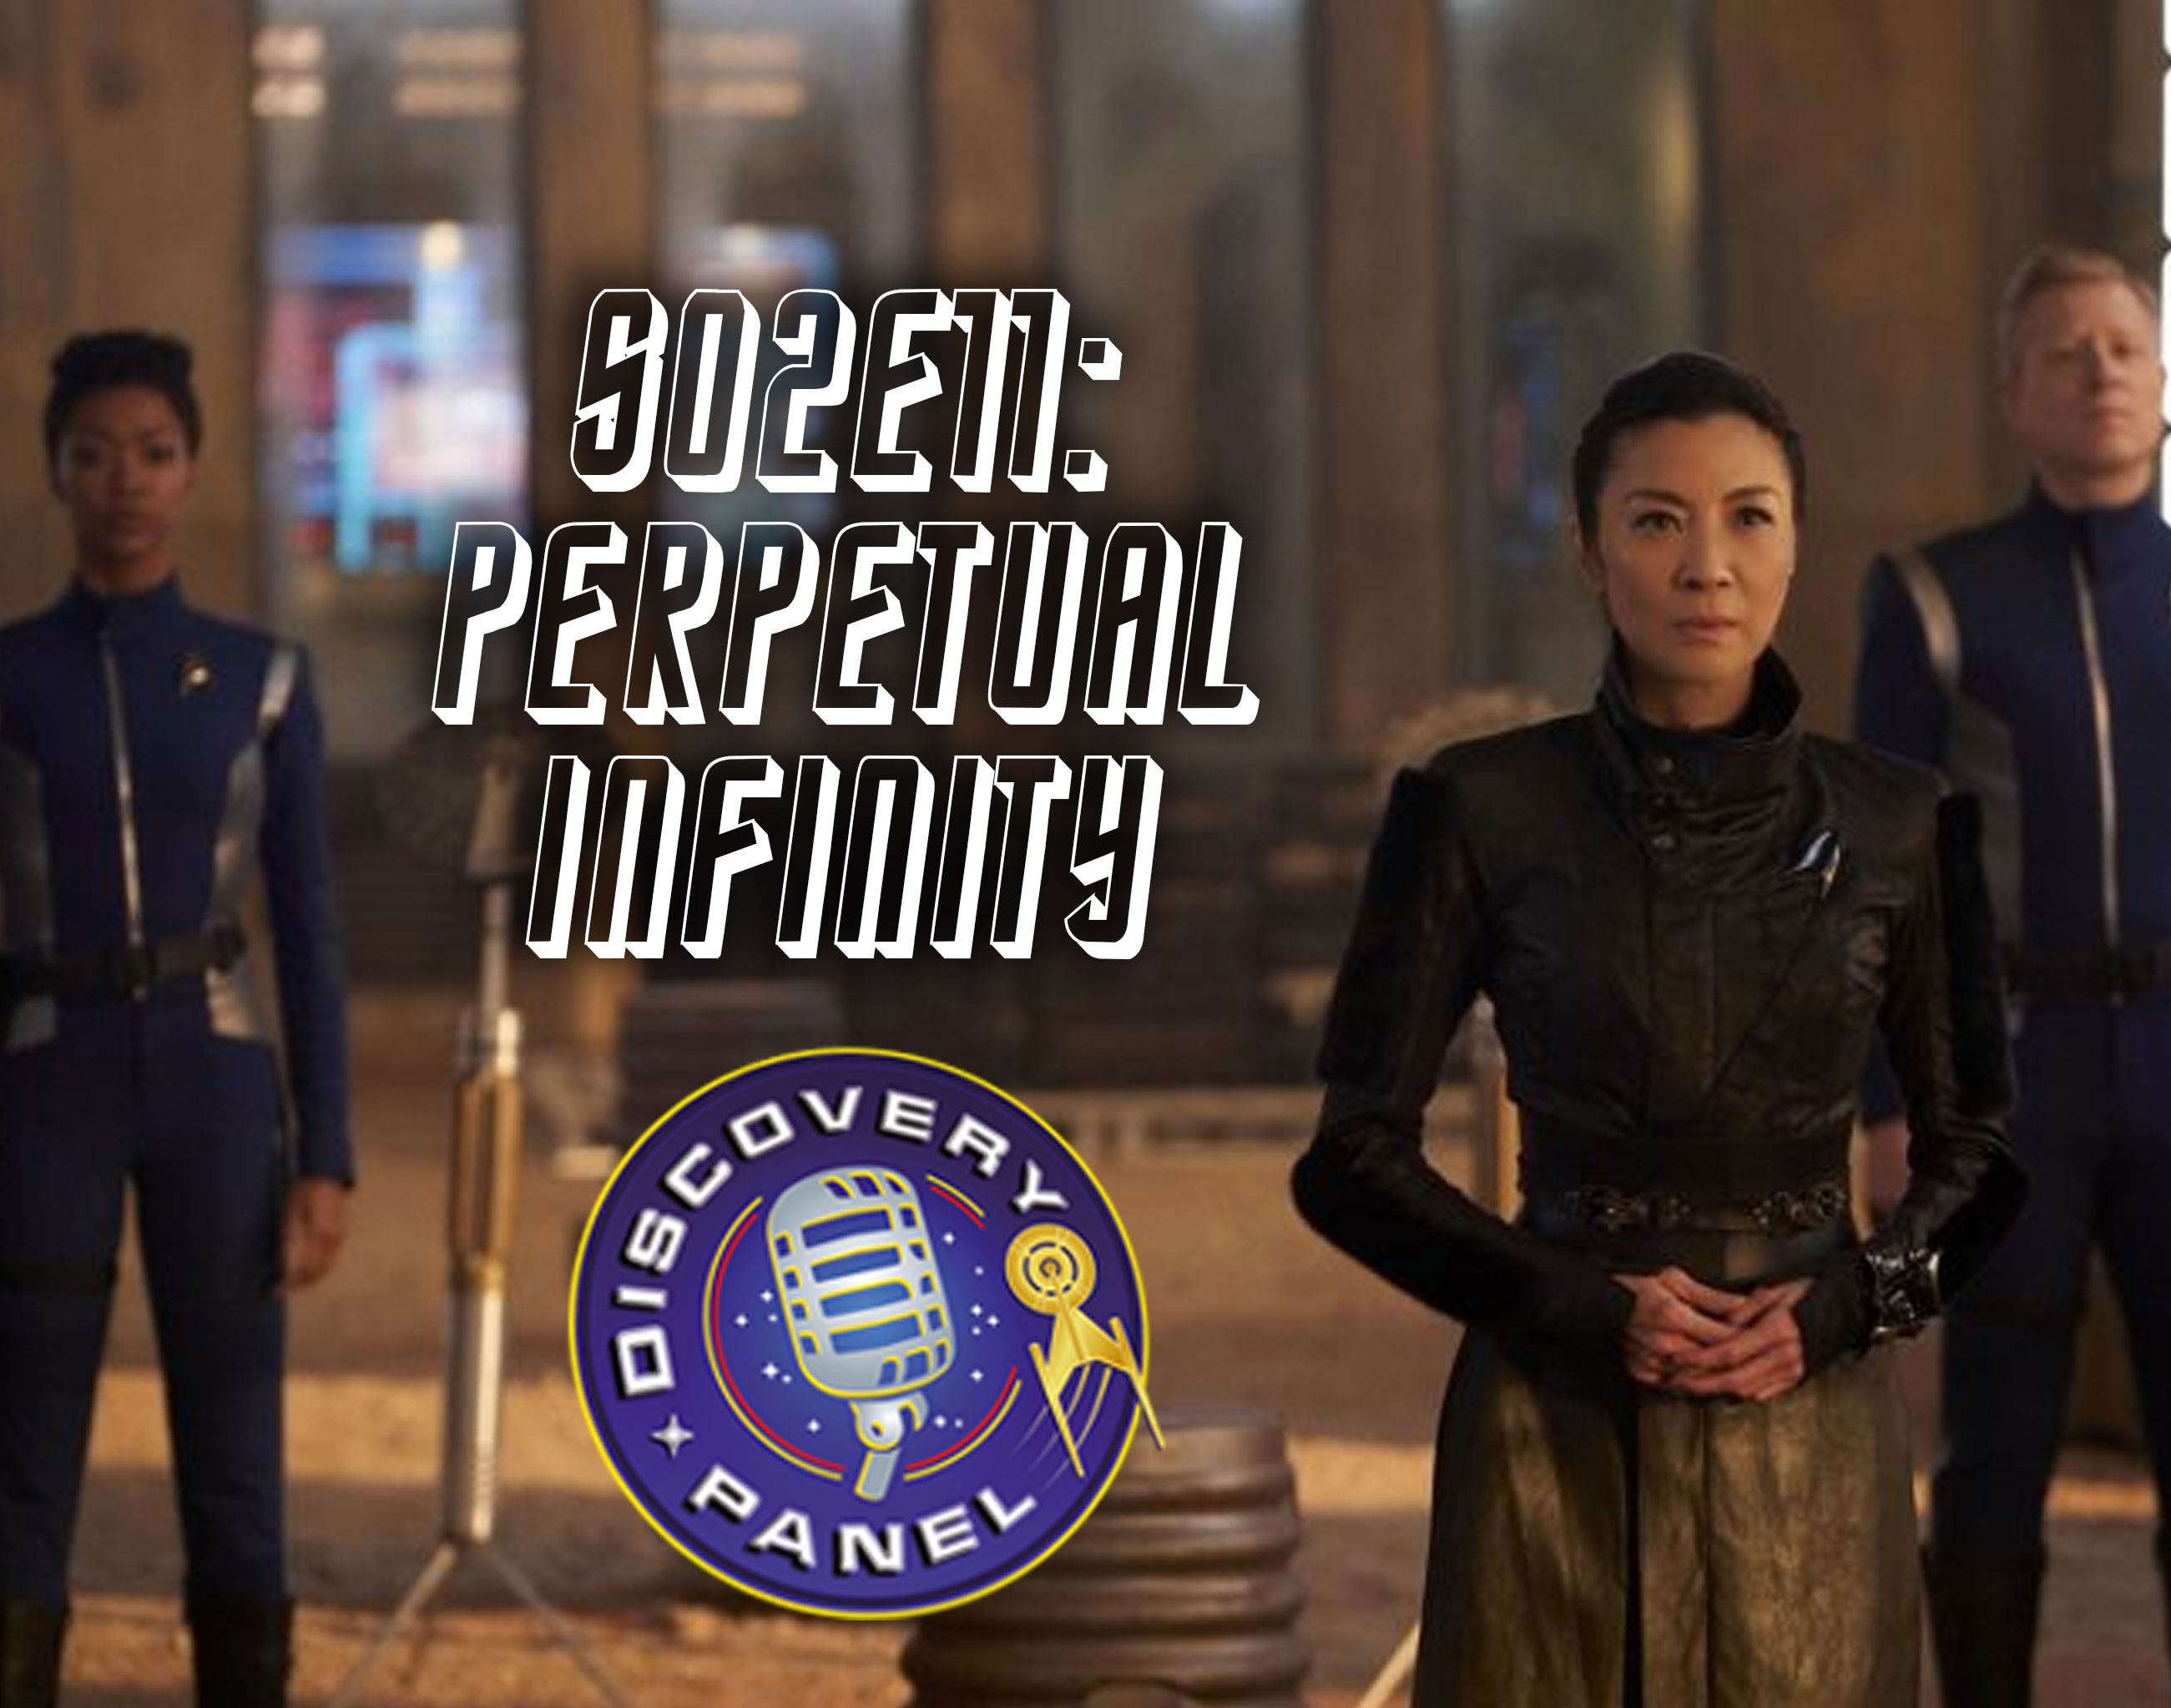 S02E11: Perpetual Infinity